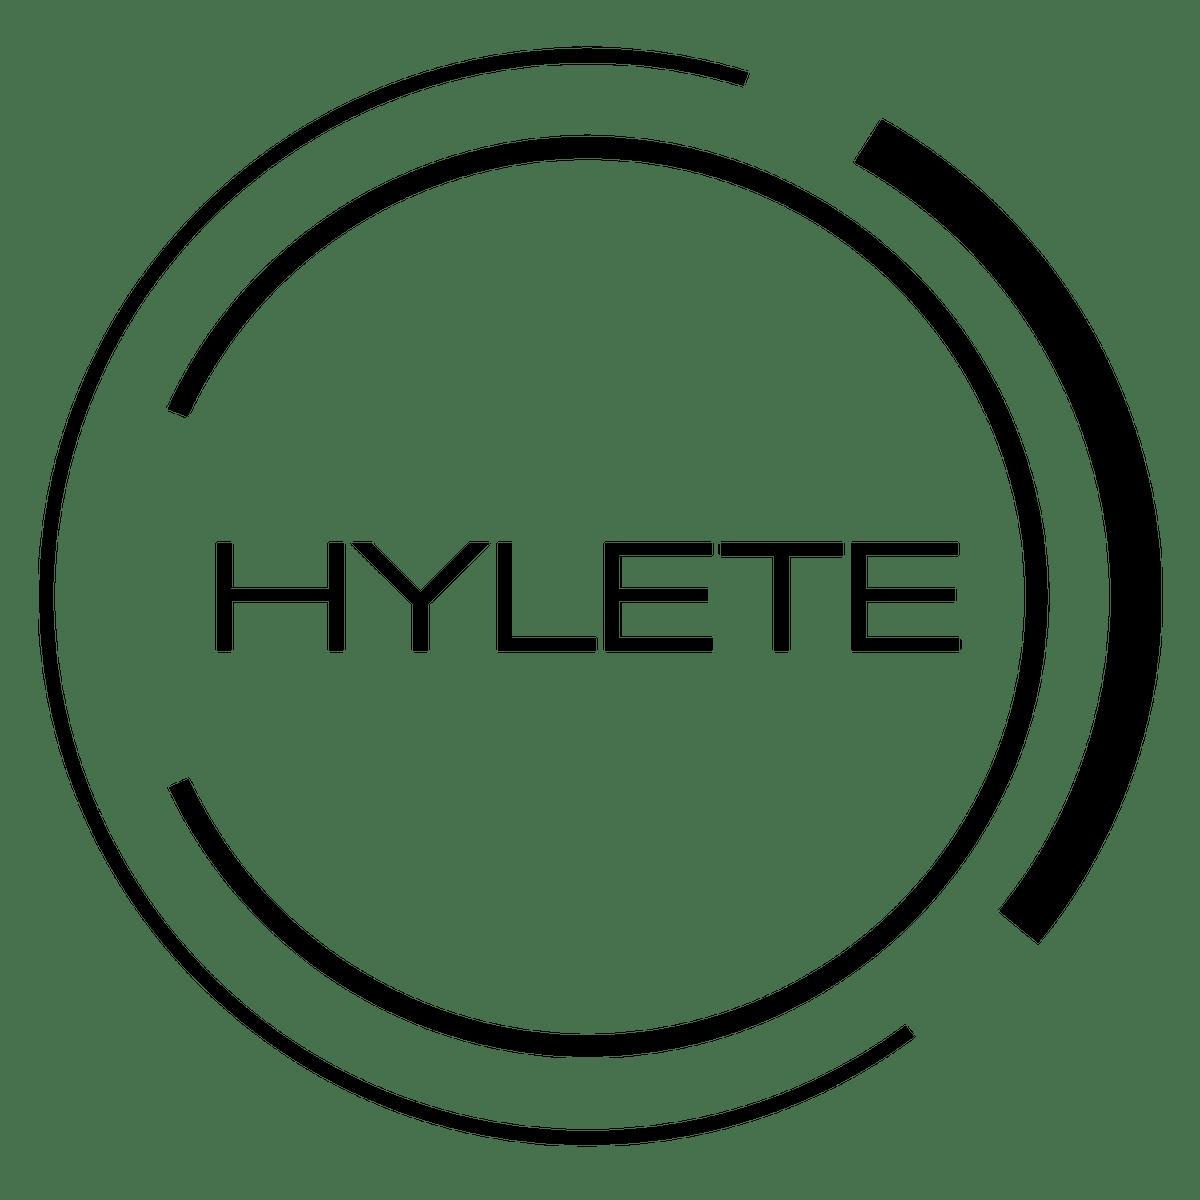 HYLETE (2015)